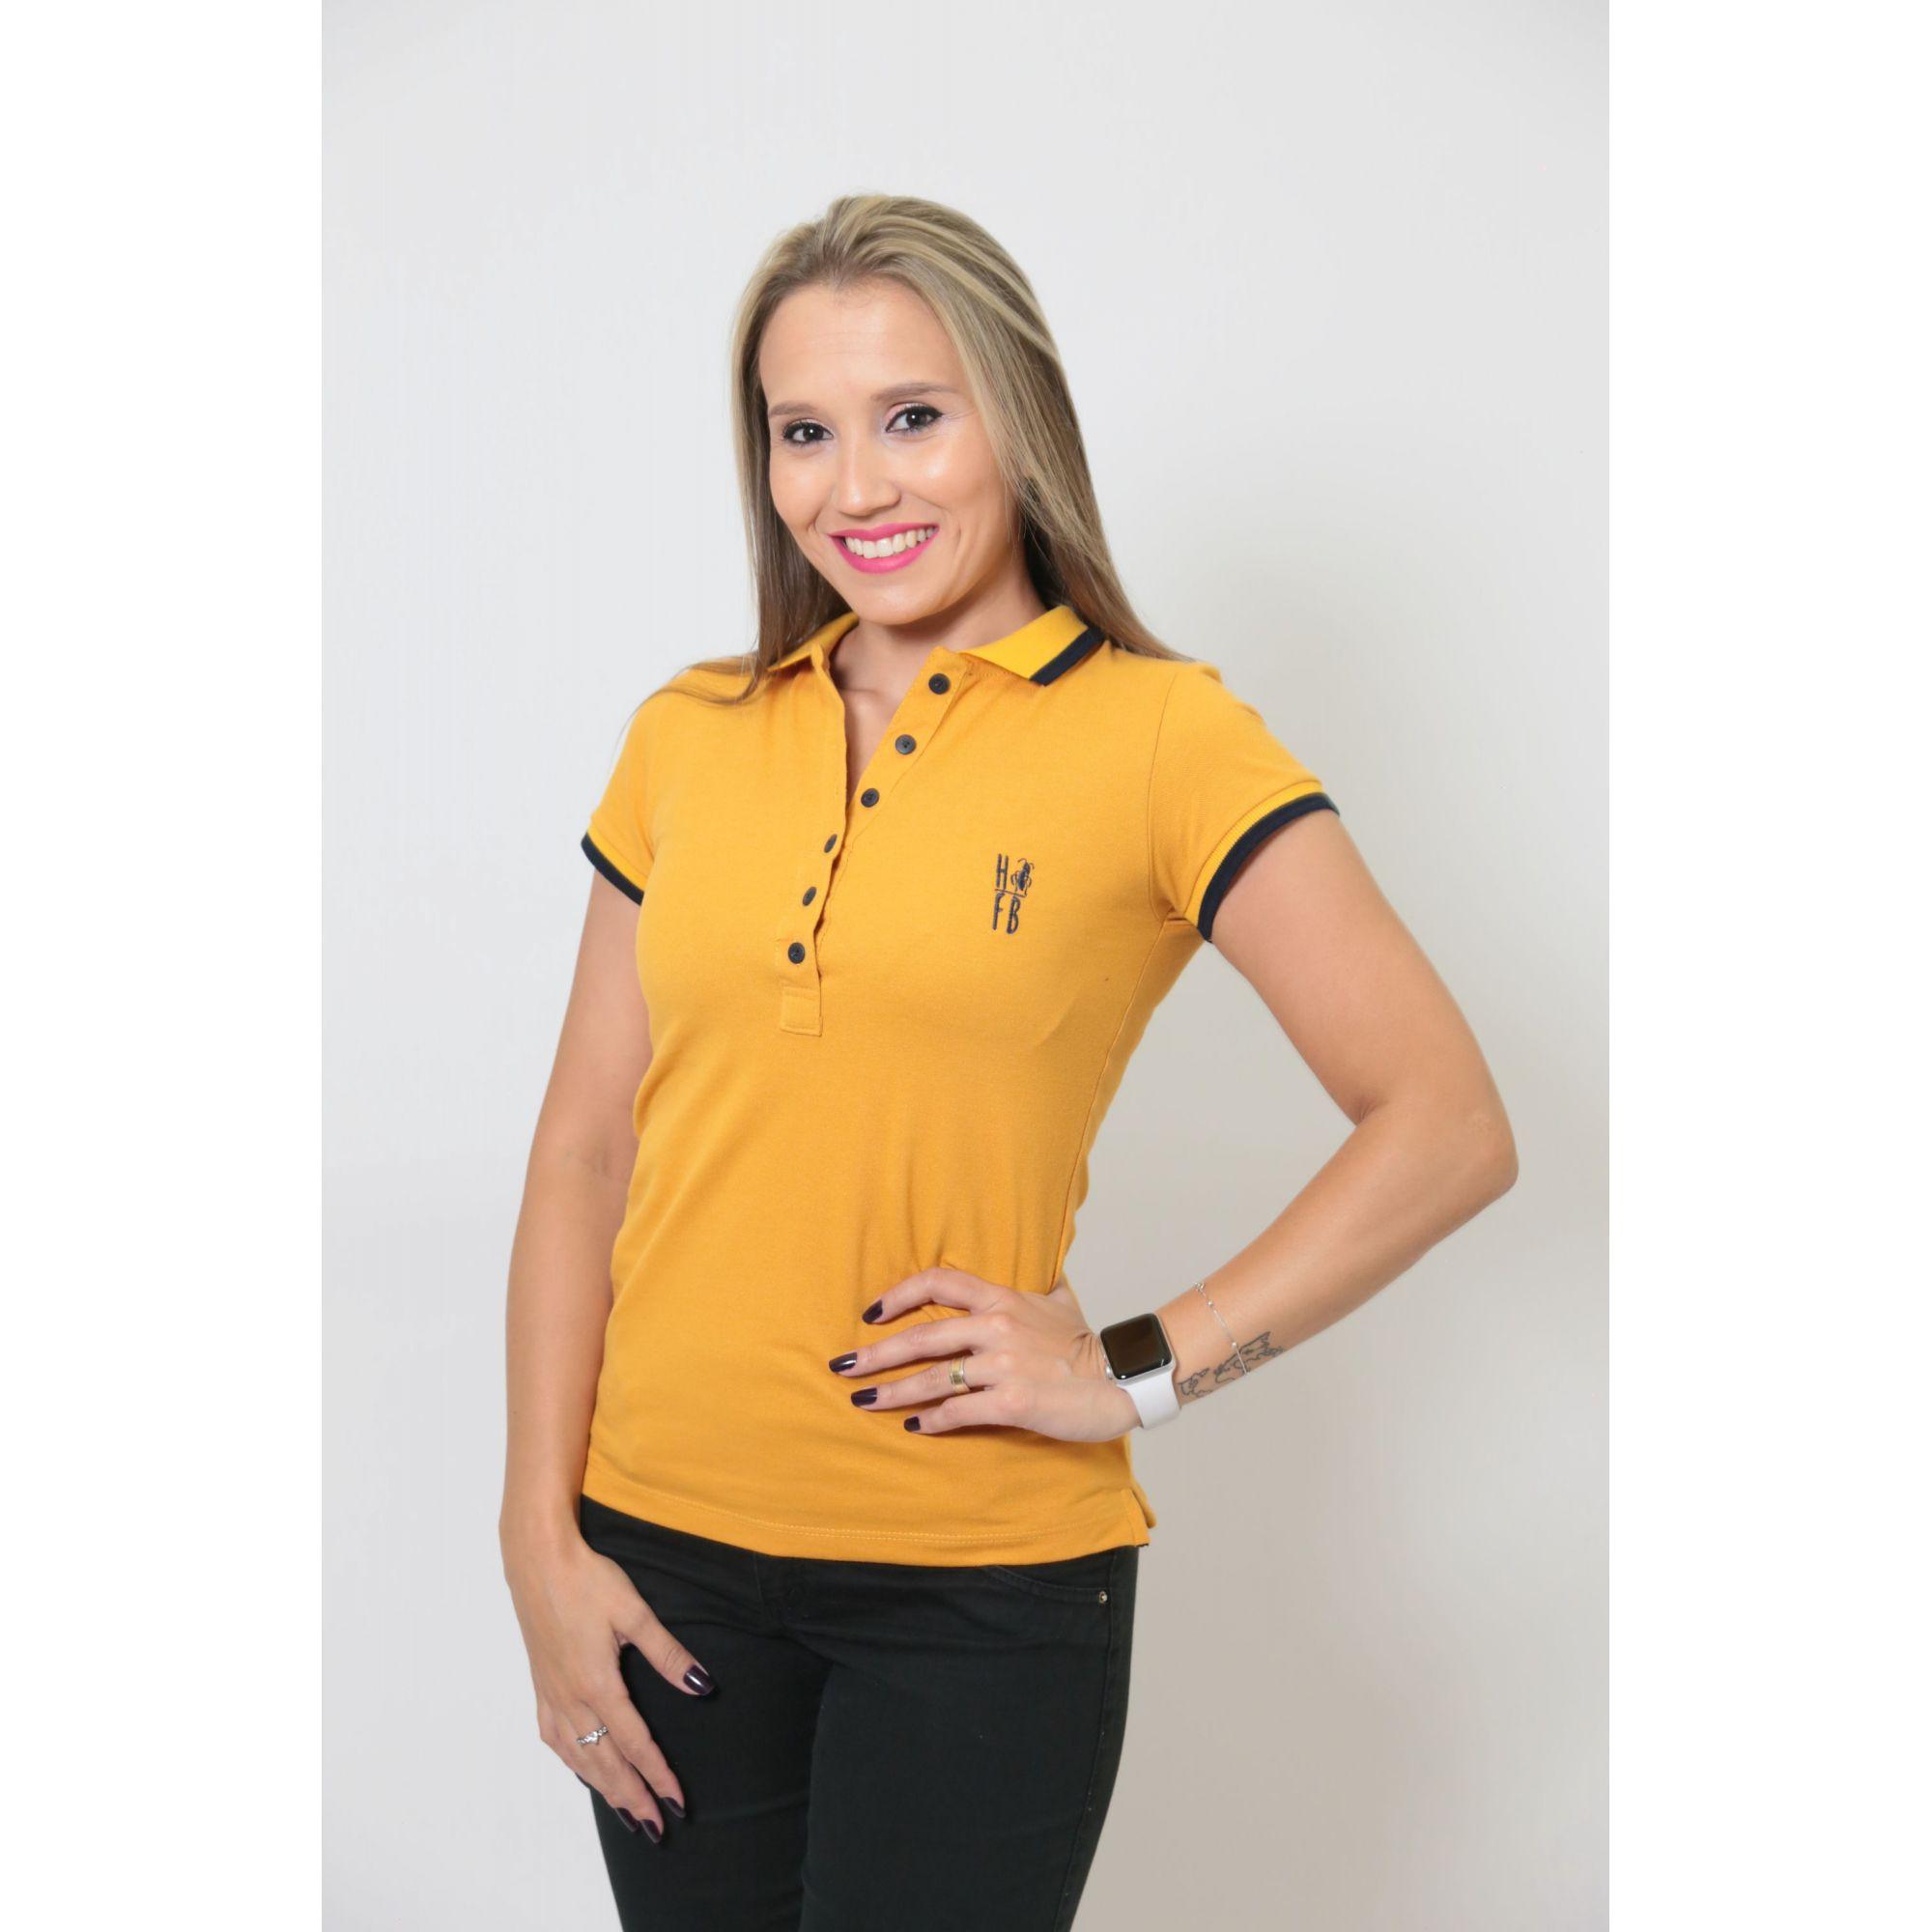 NAMORADOS > Kit 02 Peças Camisas Polo Masculina + Feminina Mostarda [Coleção Namorados]  - Heitor Fashion Brazil